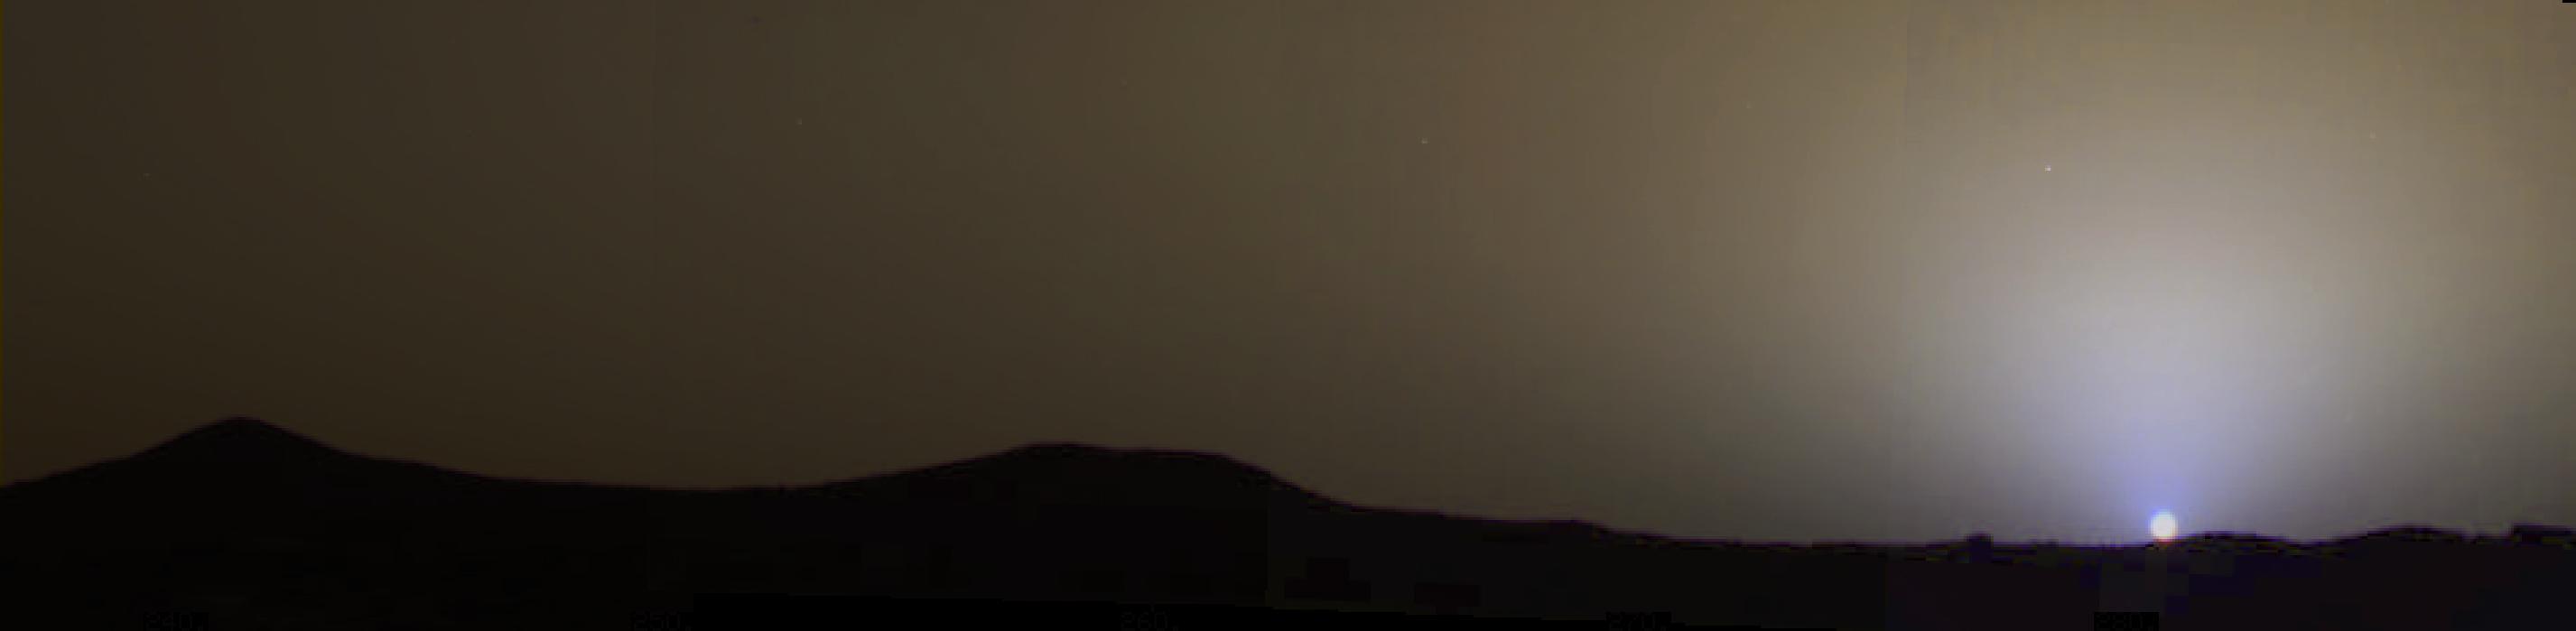 sunset on mars nasa - photo #5